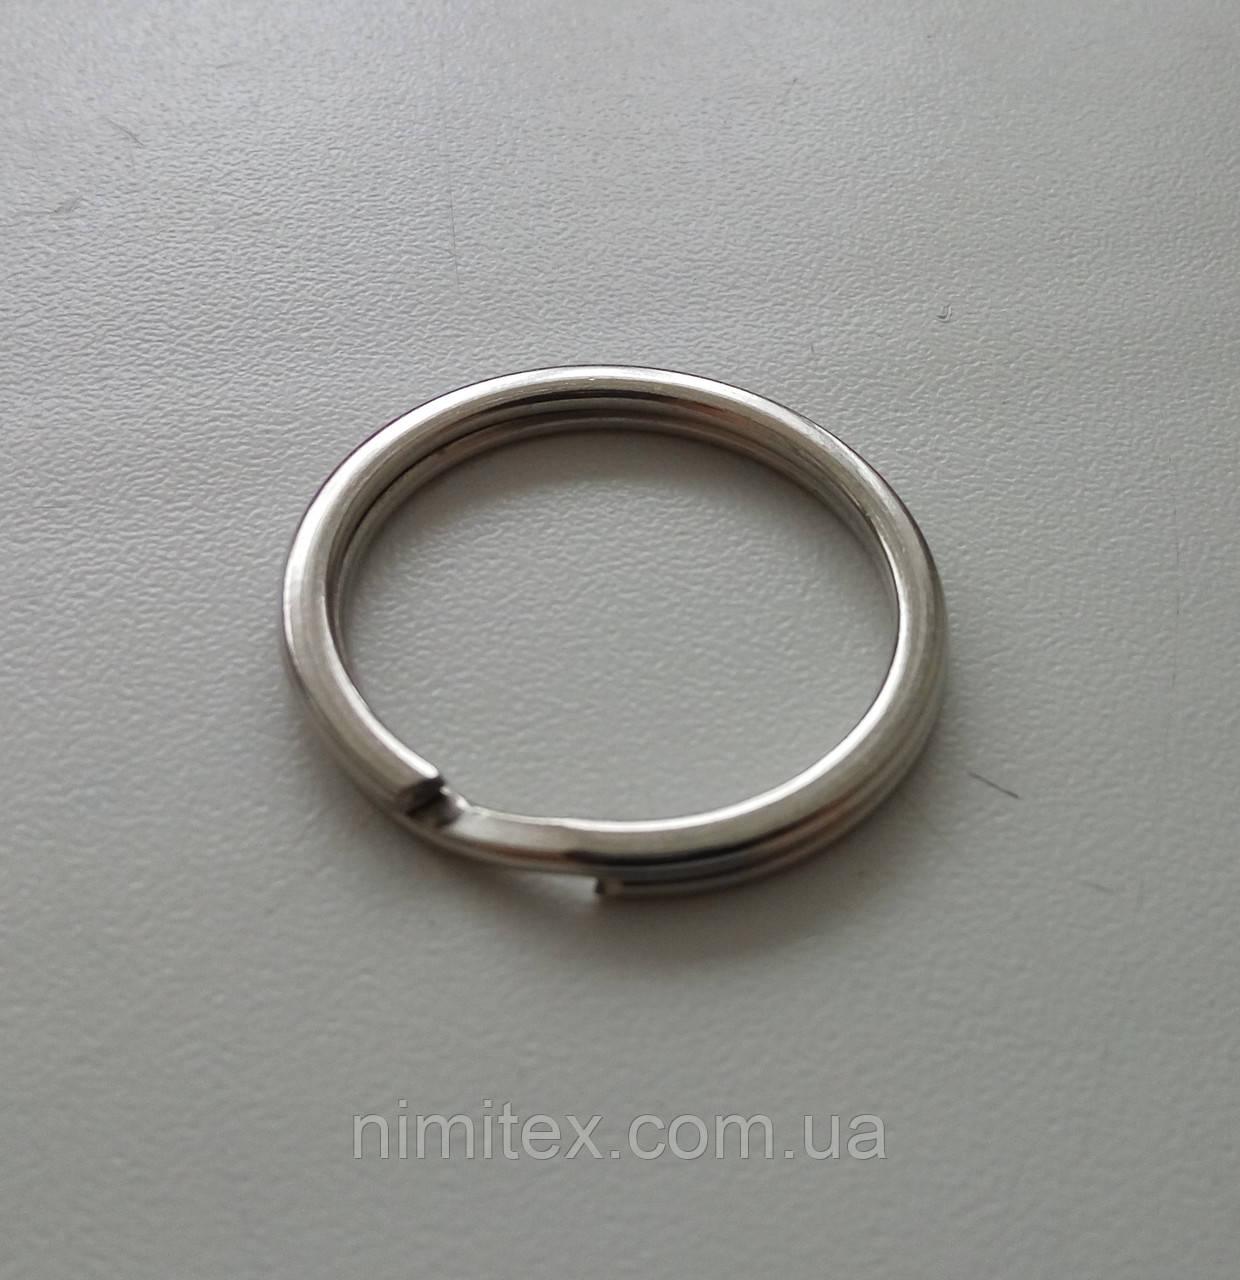 Кольцо плоское для ключей 24 мм никель